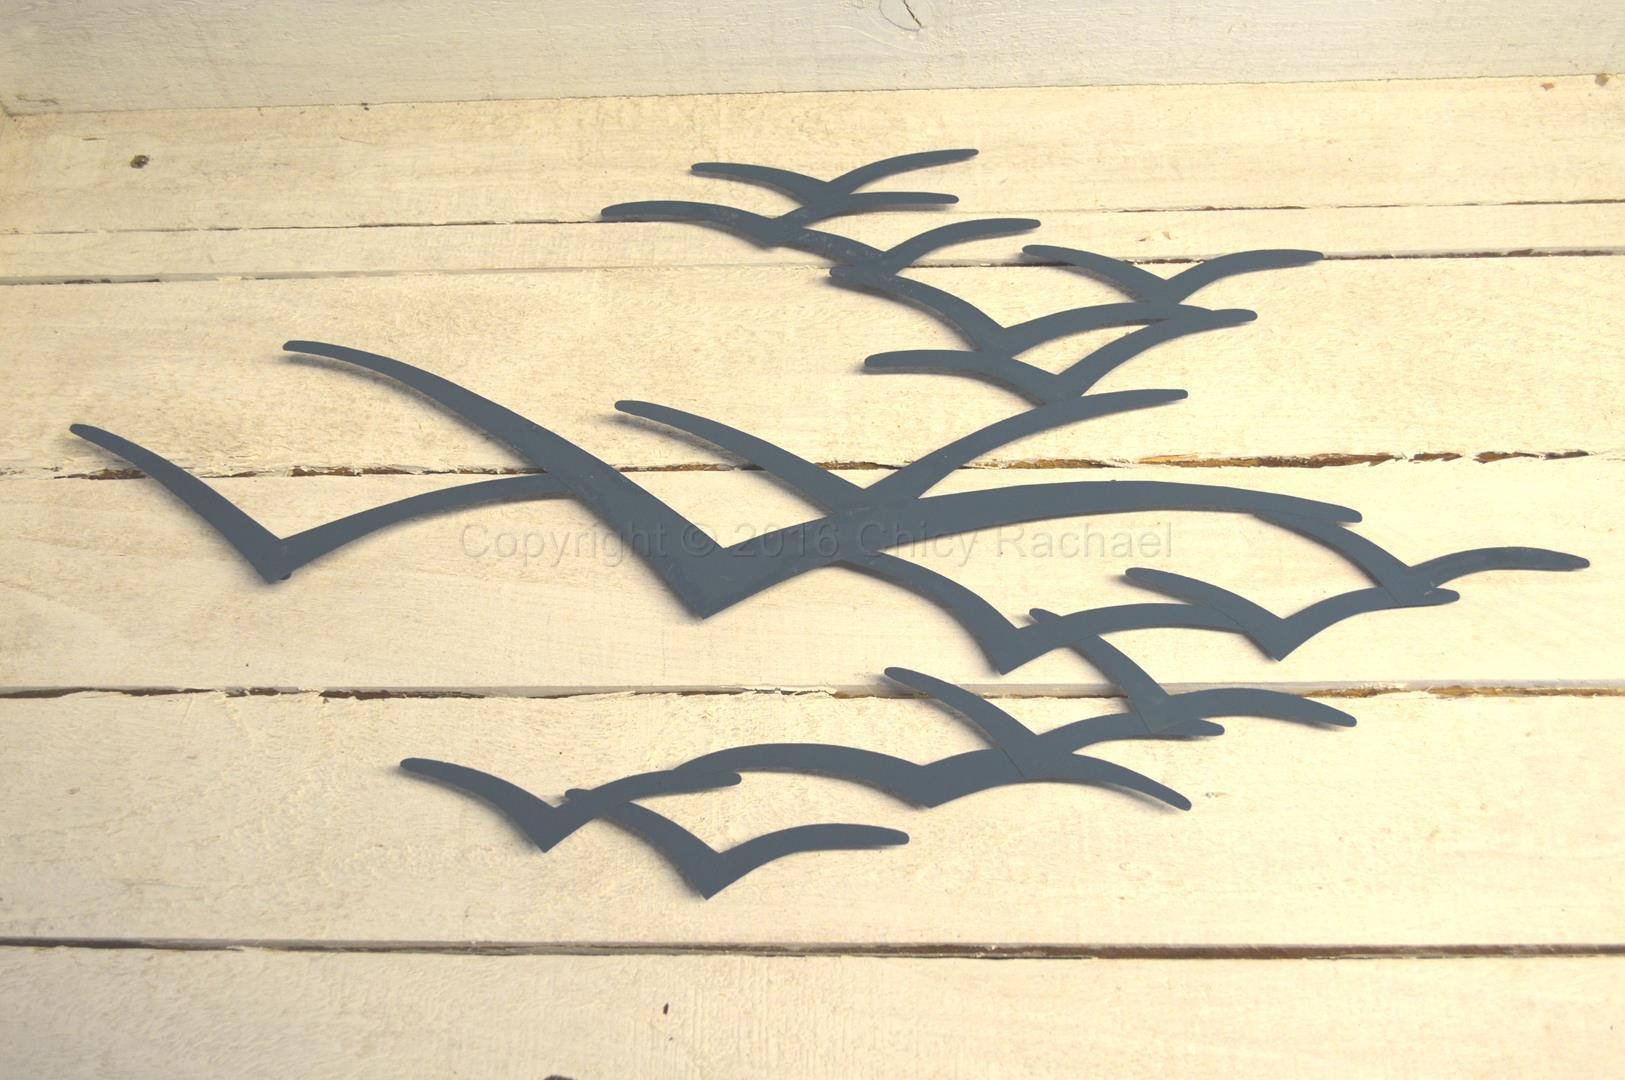 Beach Metal Wall Art - Elitflat